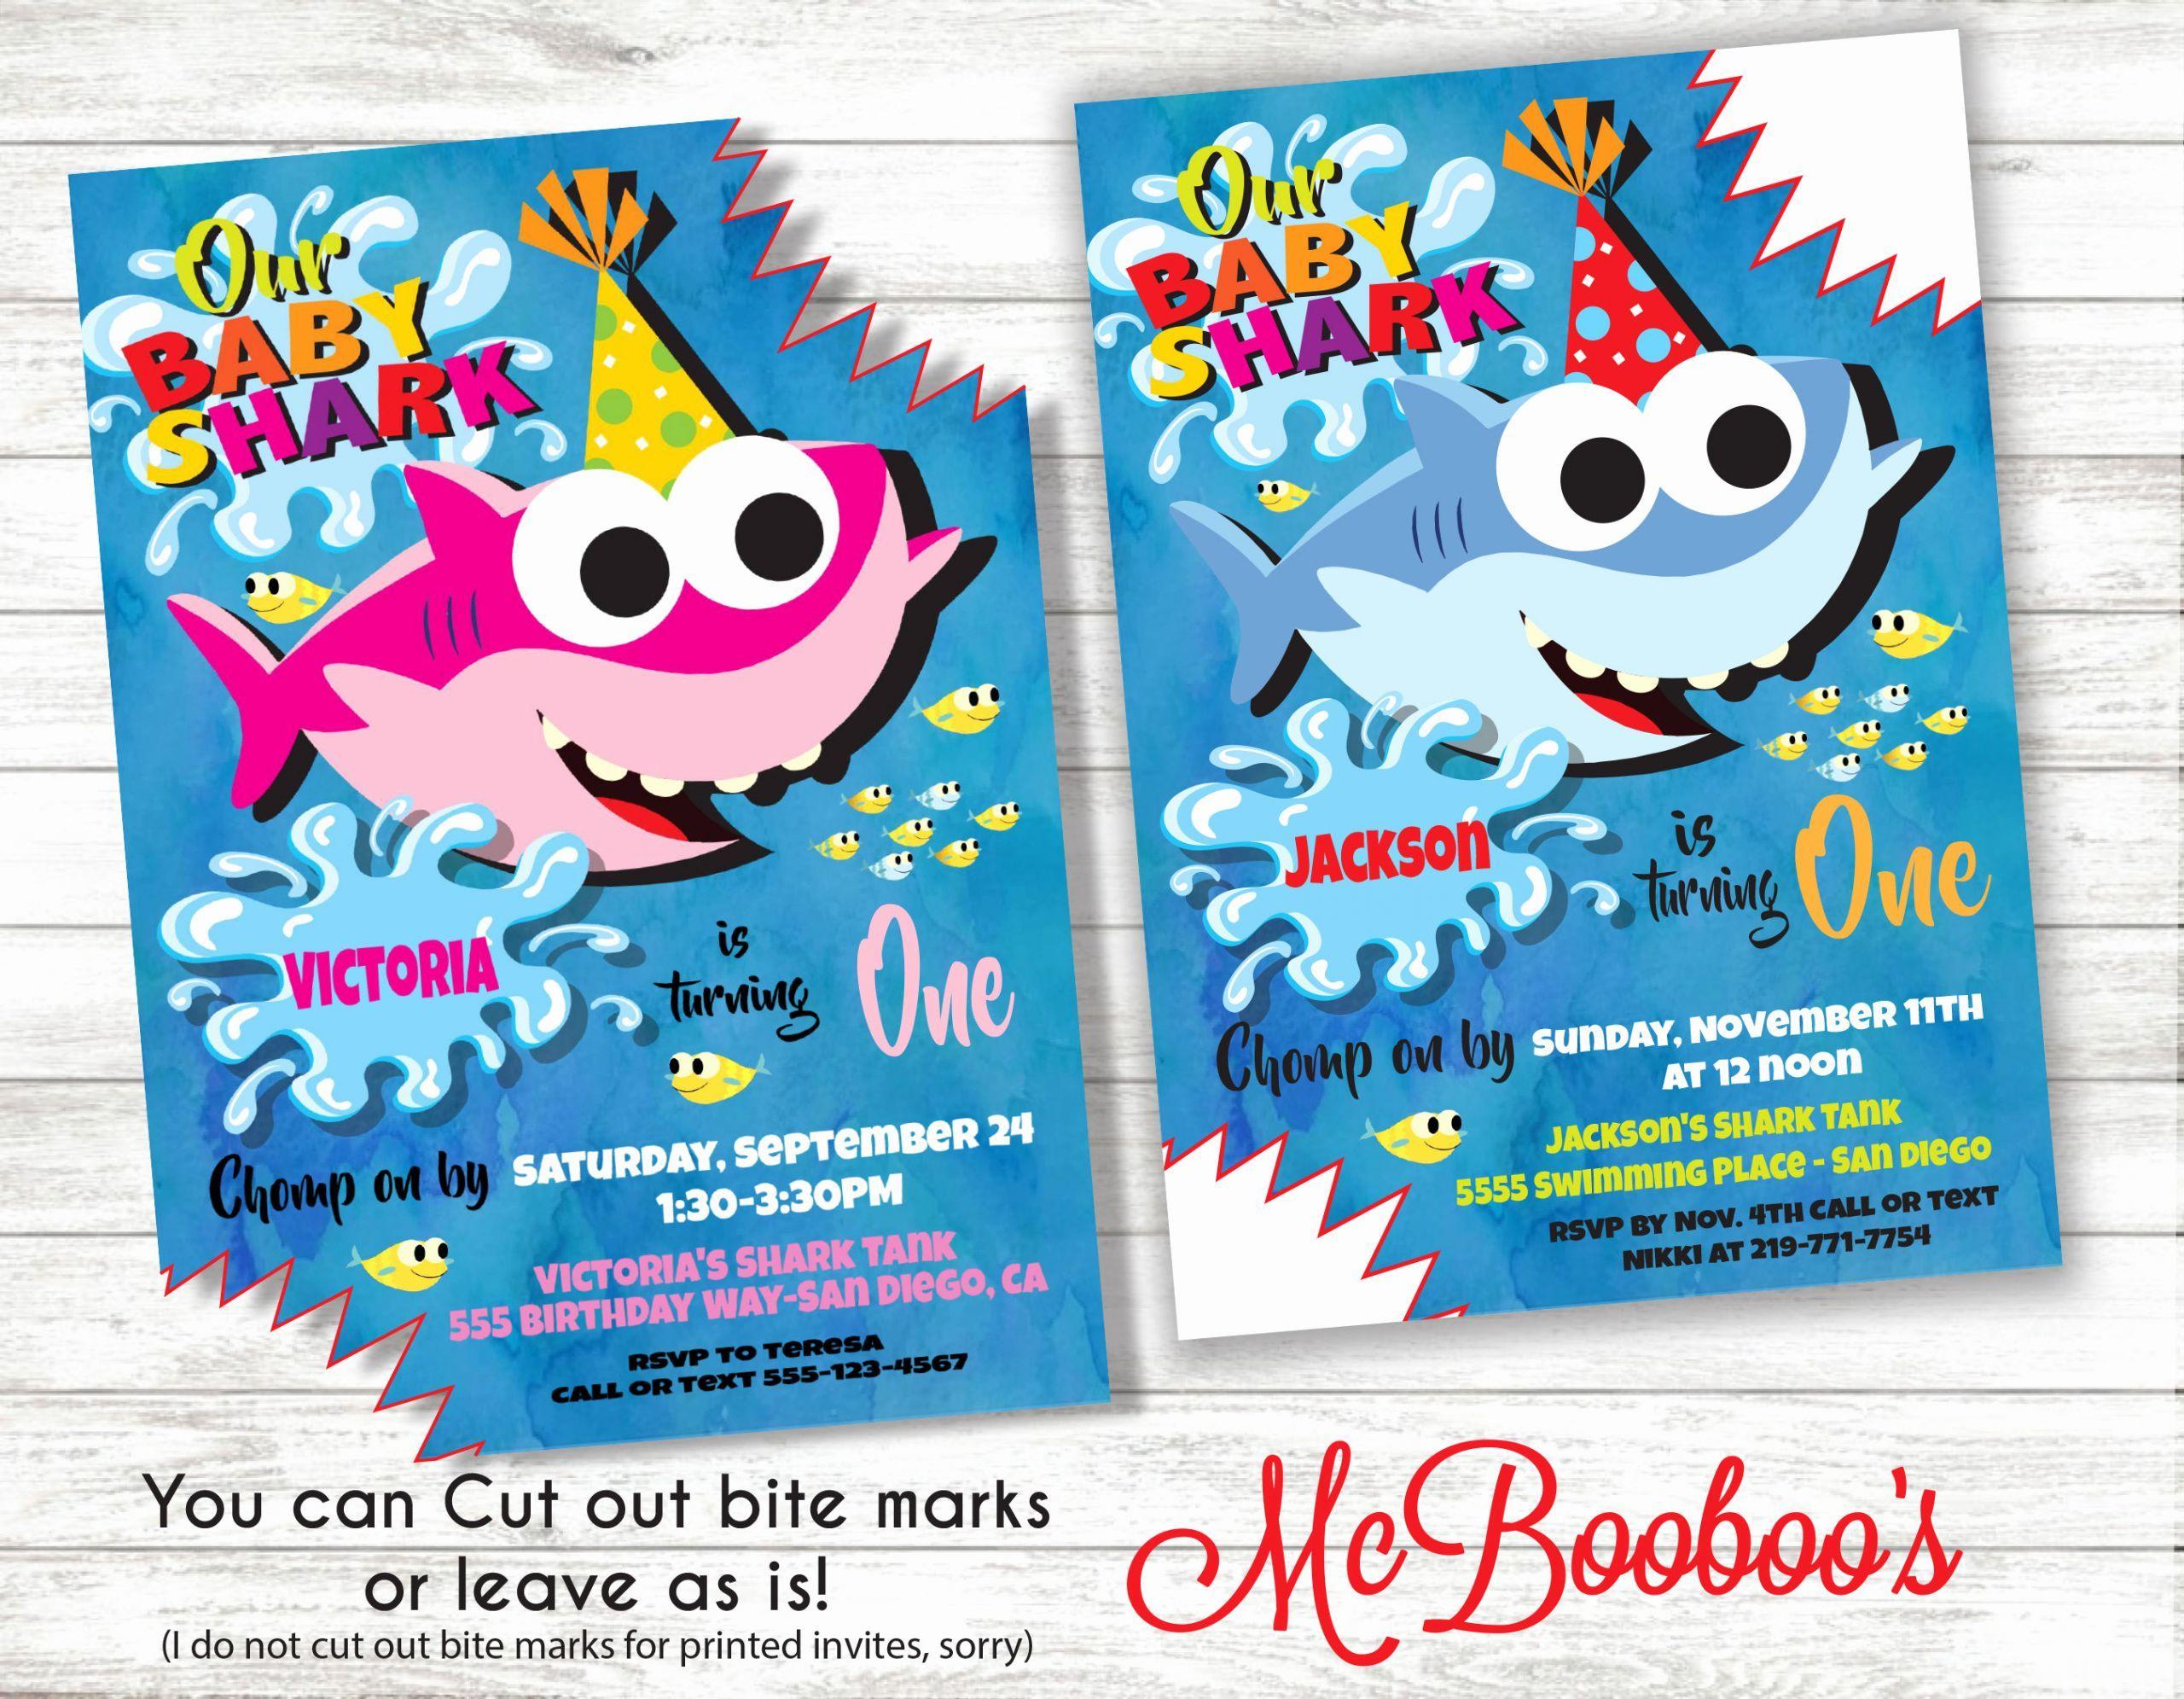 Shark Birthday Party Invitations Lovely Baby Shark Song Birthday Party Invitati Shark Birthday Party Invitation Shark Birthday Party Shark Birthday Invitations